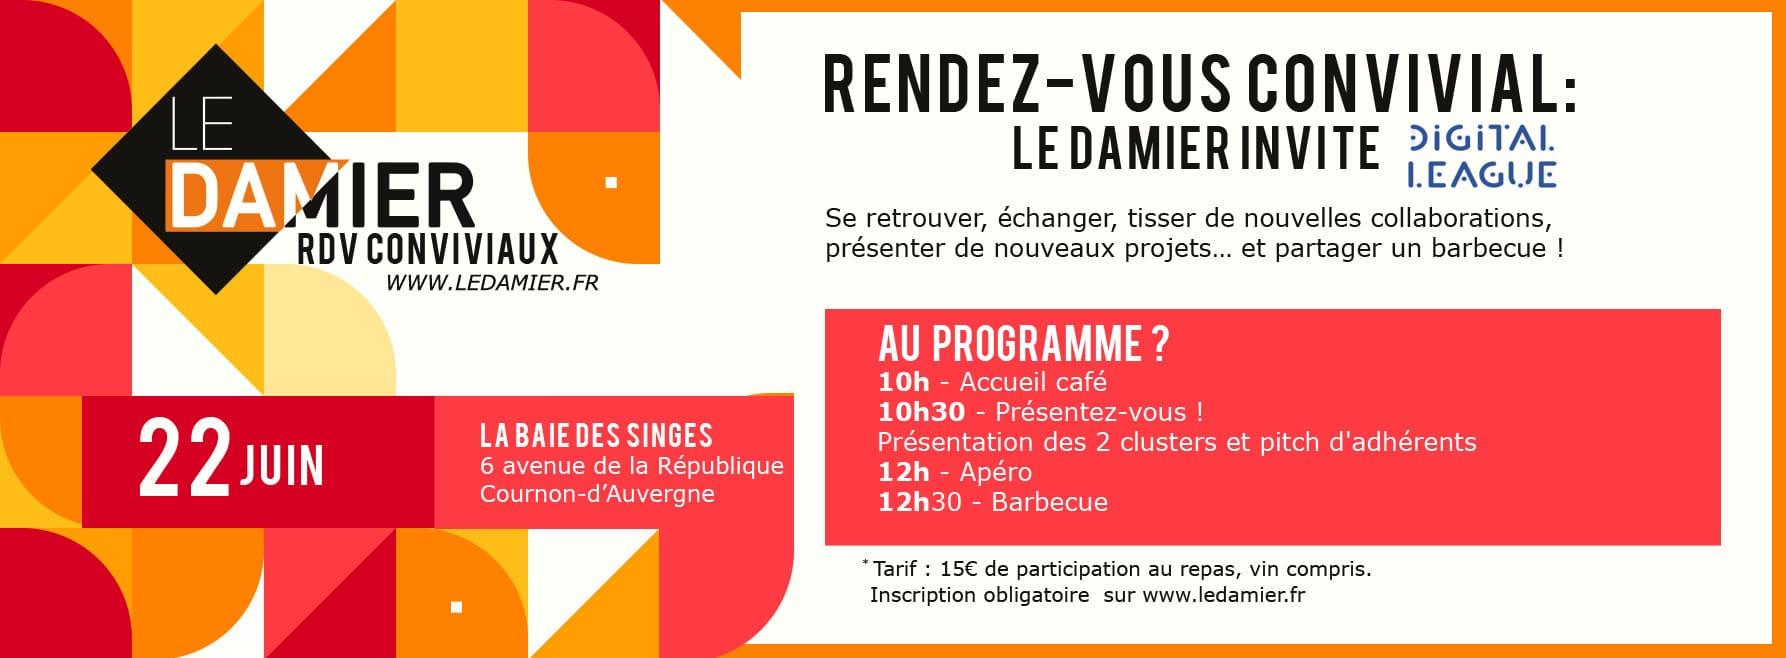 LE DAMIER invite Digital League pour son RDV convivial le 22/06